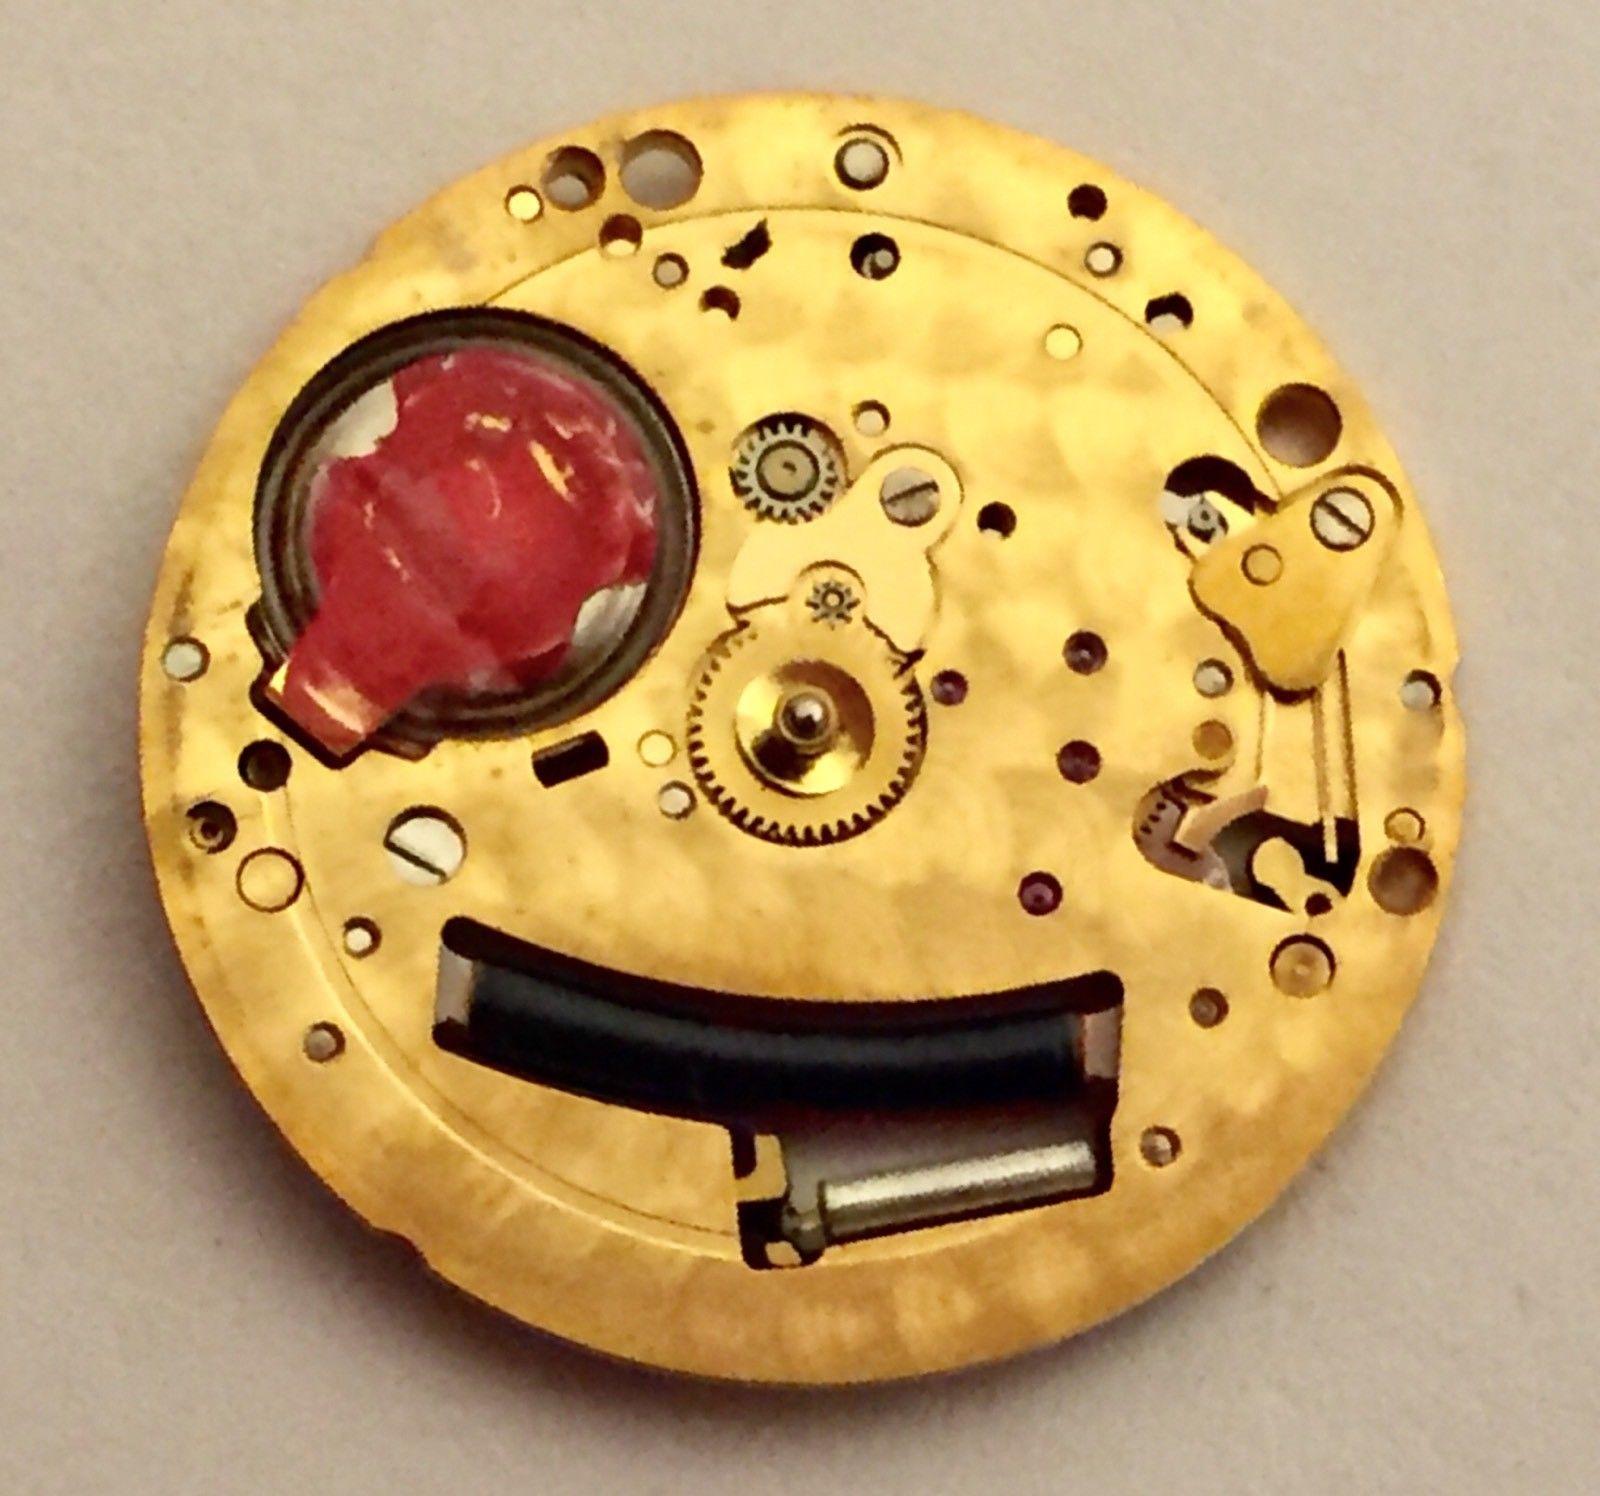 Đồng hồ quartz là gì? Đồng hồ quartz hoạt động như thế nào